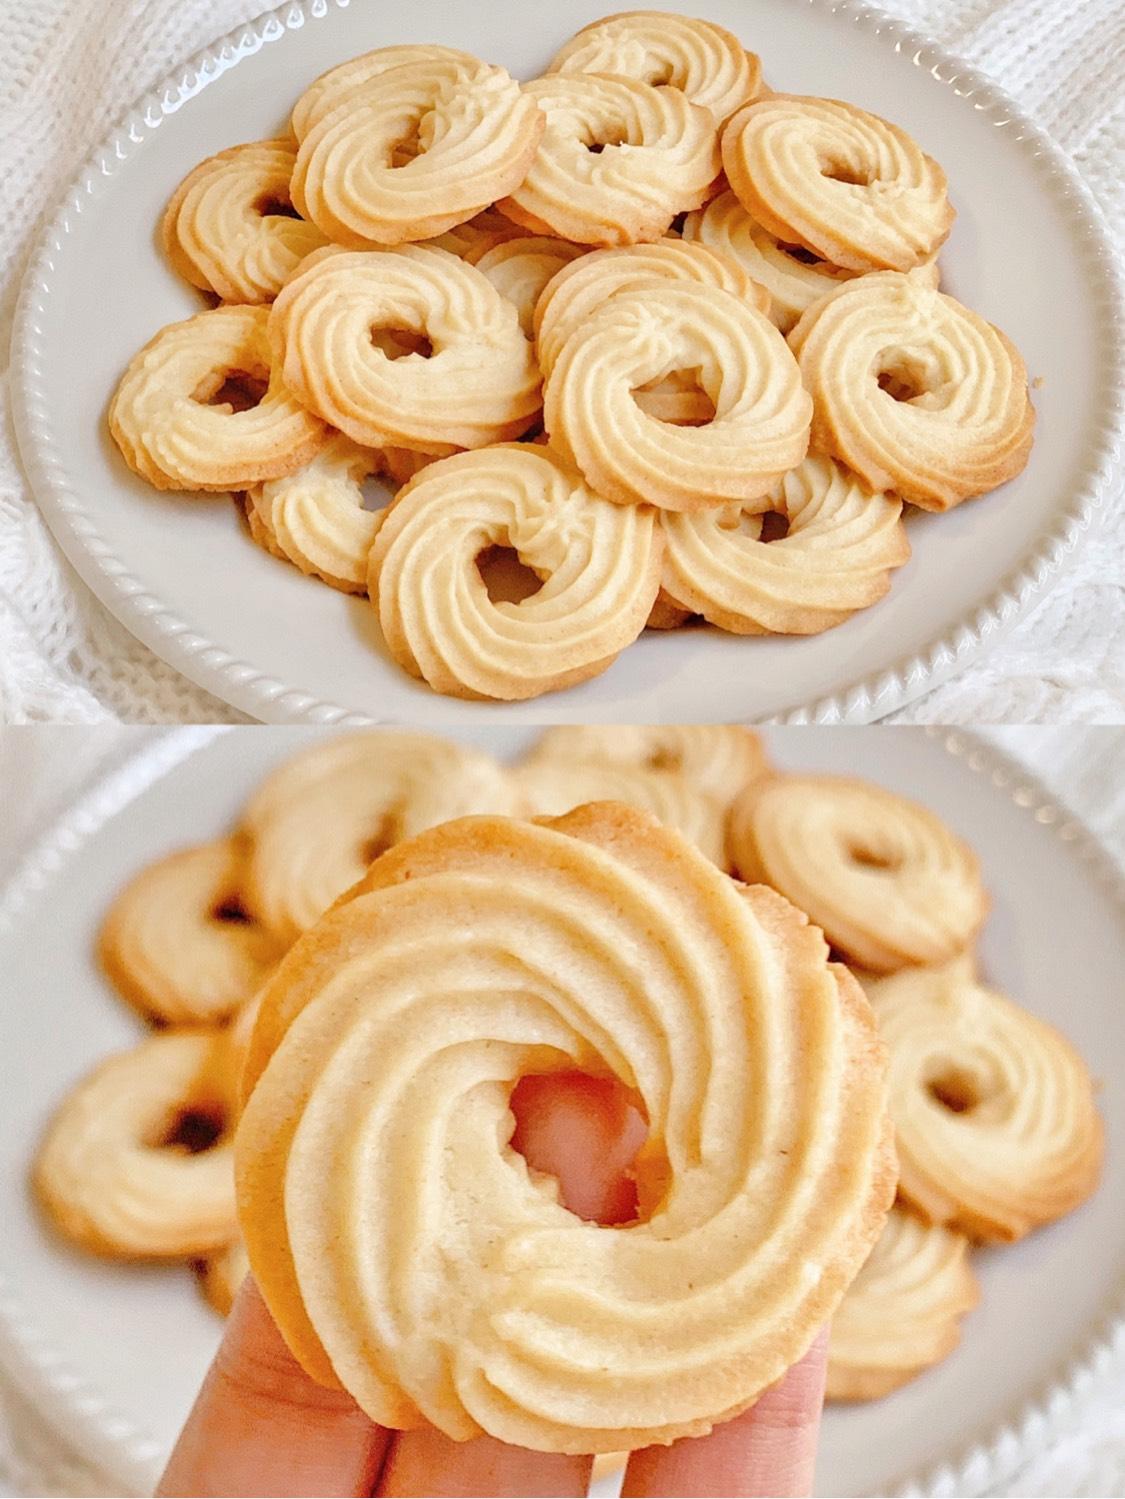 ㊙️奶香十足❗️酥掉渣的奶油曲奇饼干❗️